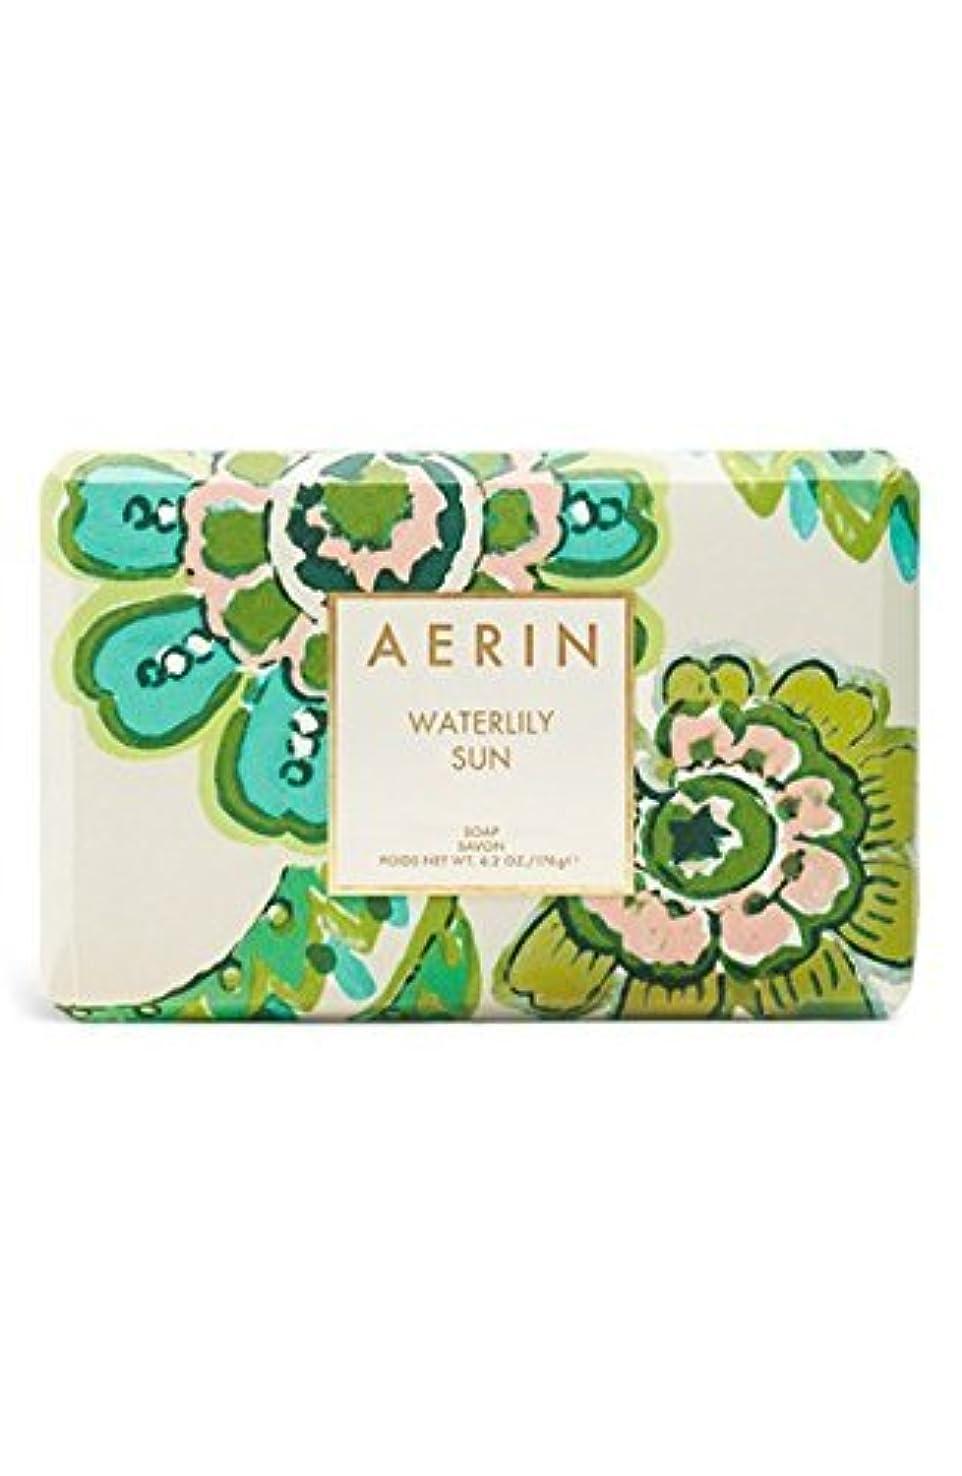 思想人類統合AERIN 'Waterlily Sun' (アエリン ウオーターリリー サン) 6.2 oz (50ml) Body Soap 固形石鹸 by Estee Lauder for Women